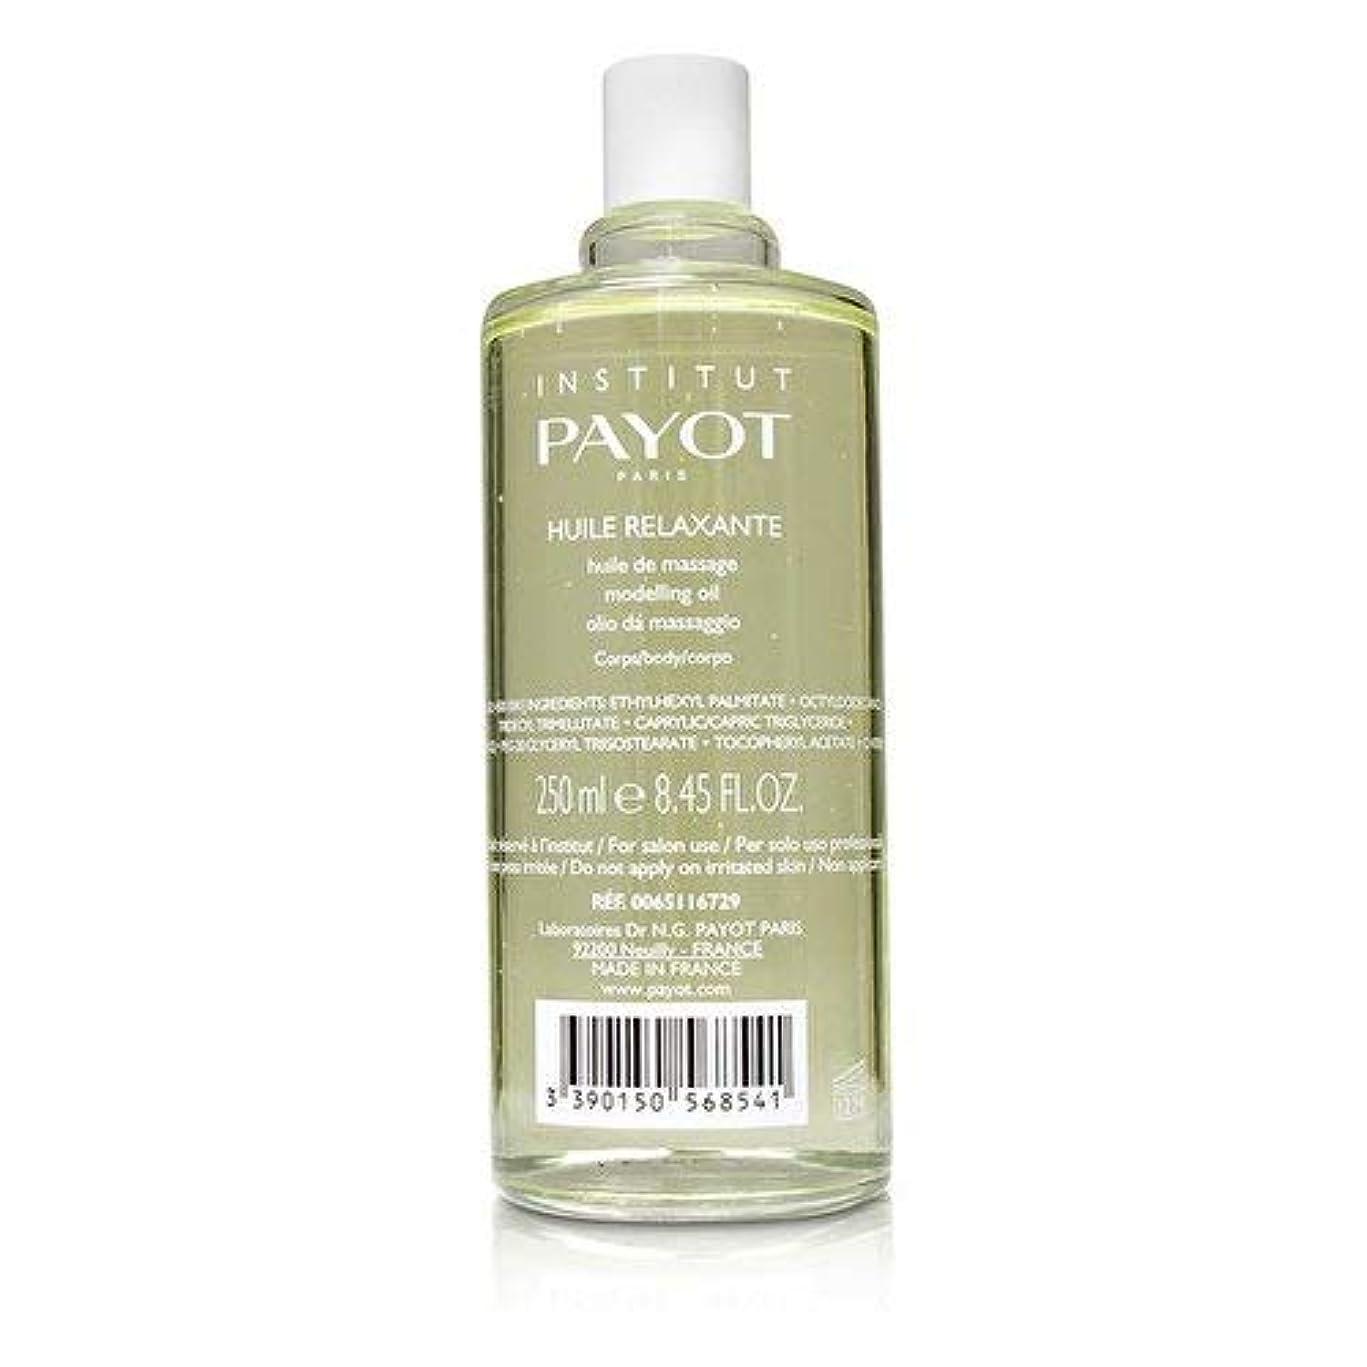 モニター構築するビデオパイヨ Huile Relaxante - Body Massage Oil (Jasmine & White Tea) (Salon Product) 250ml/8.45oz並行輸入品